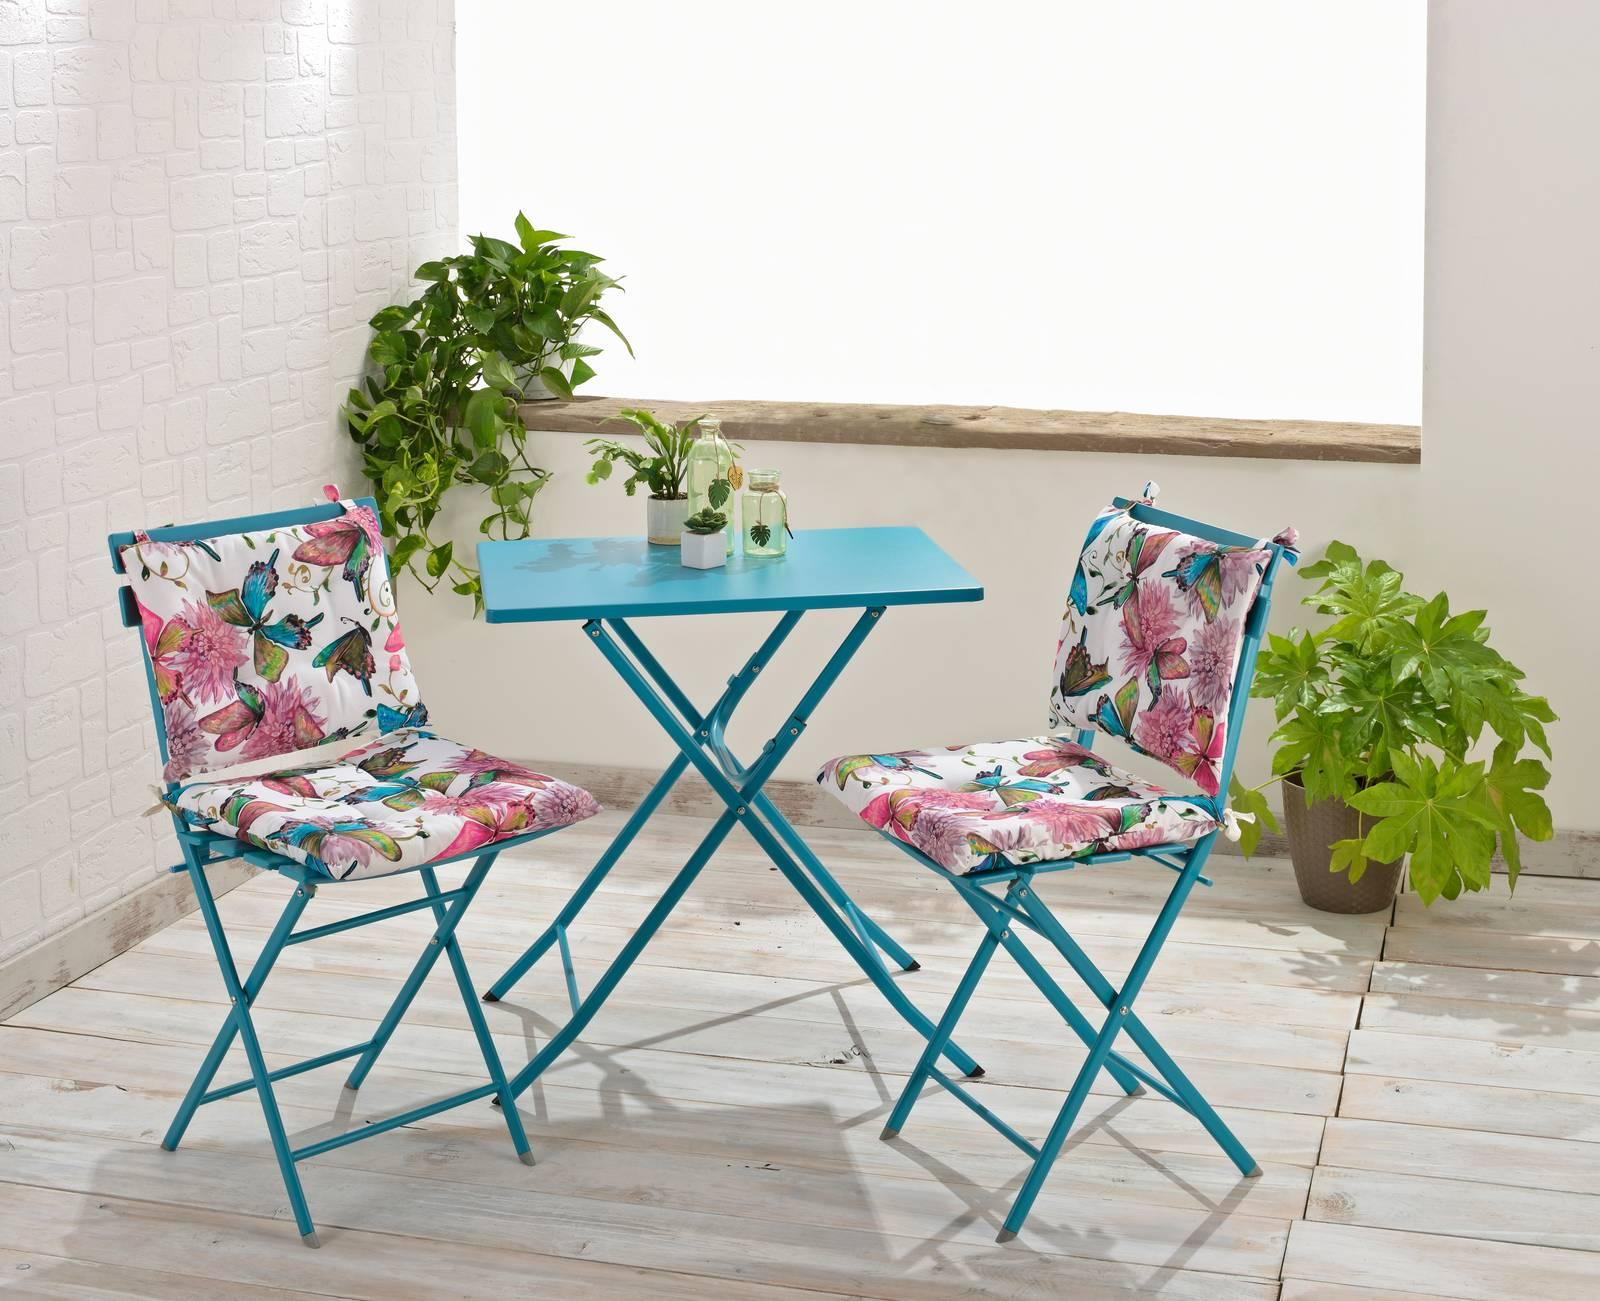 Tavolino Per Balcone Ikea tavolo piccolo per esterni, tondo o quadrato - cose di casa